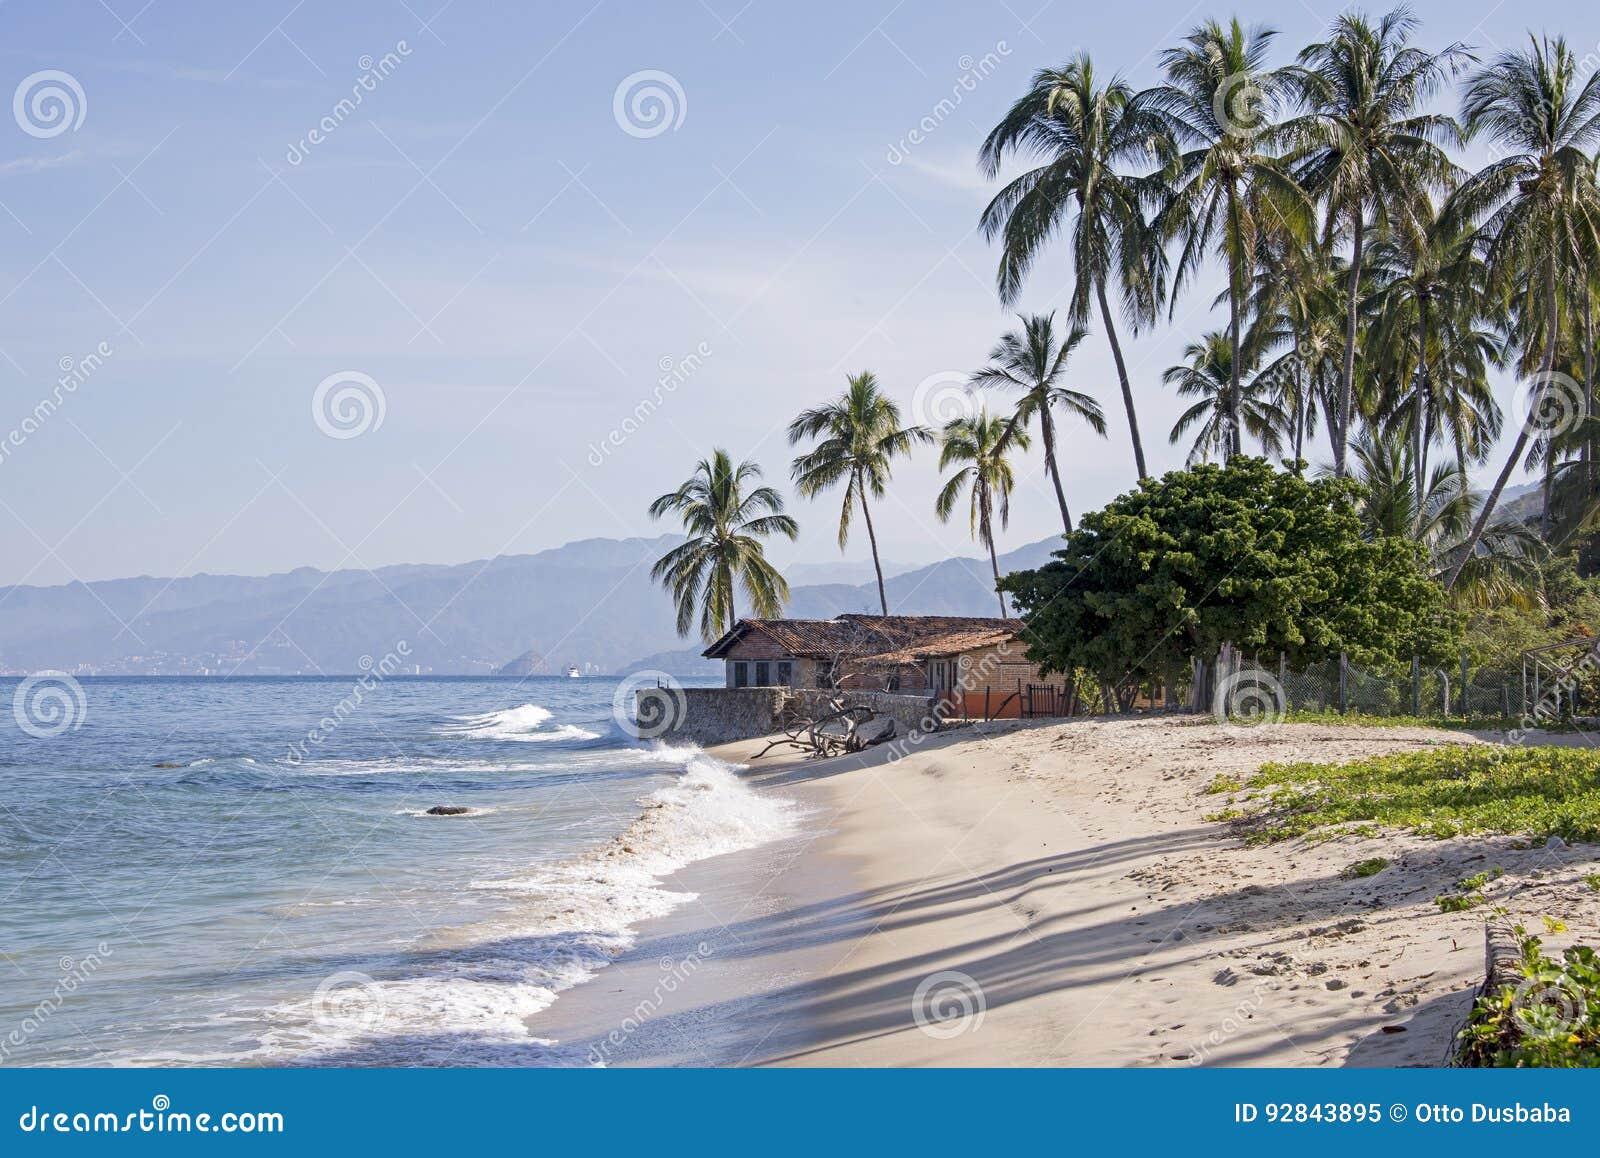 Côte de l océan pacifique avec des palmiers